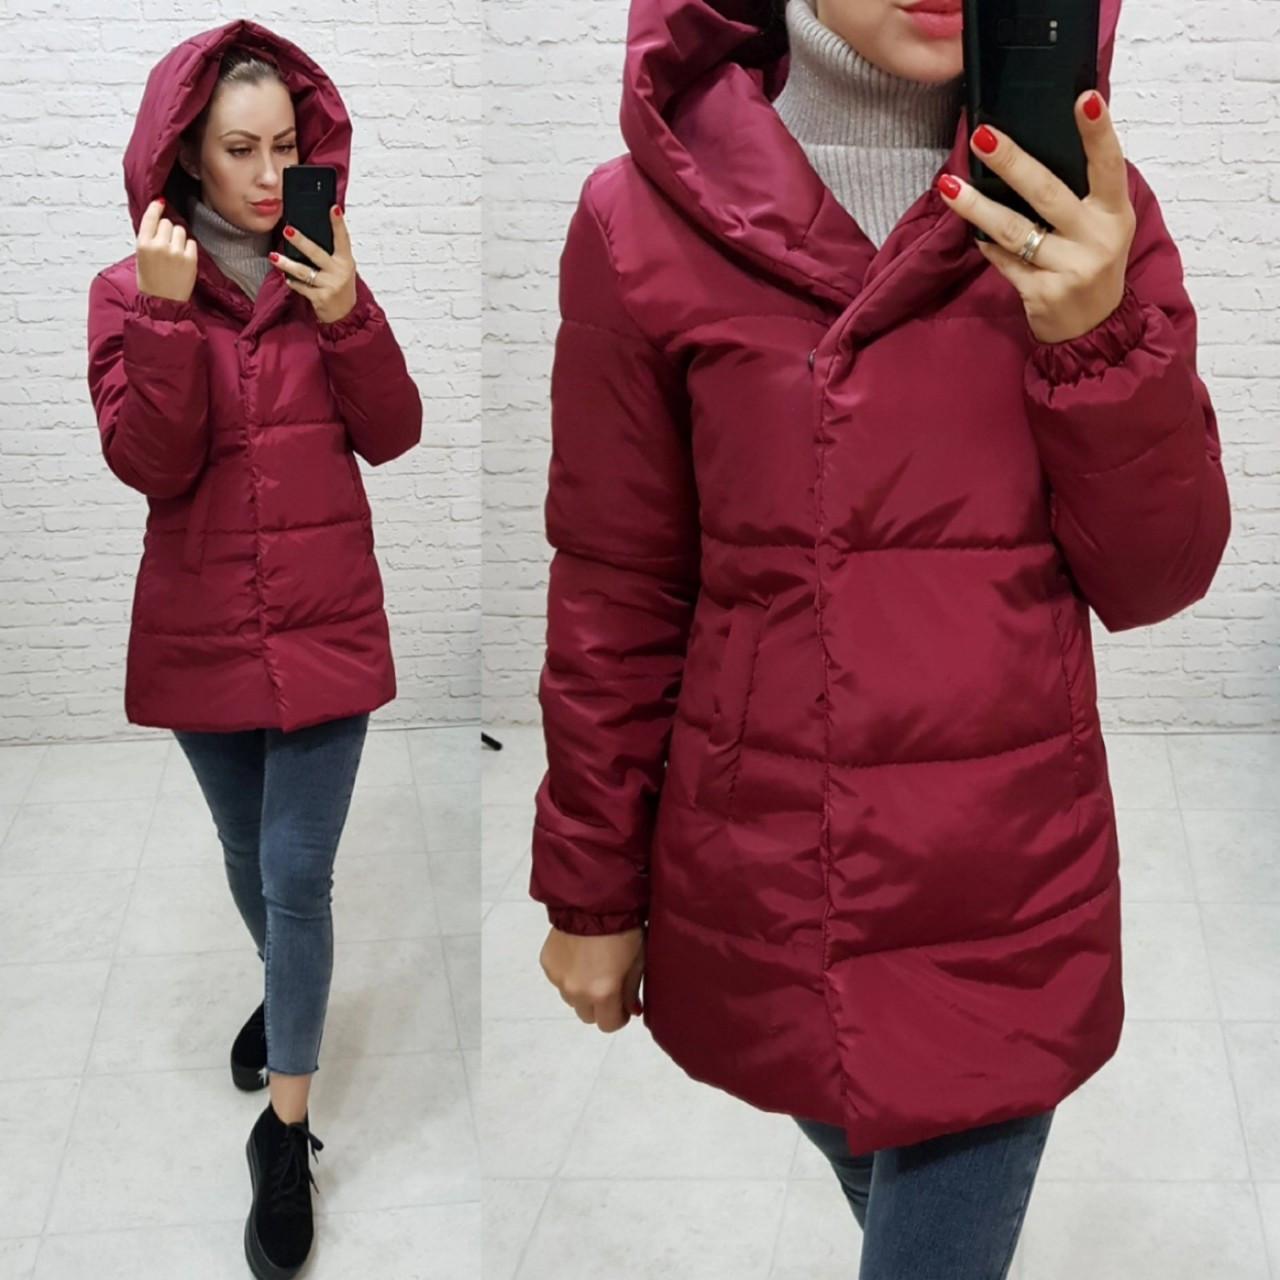 Куртка ковдру Oversize укорочена, артикул 1005, бордового кольору / цвіт марсала